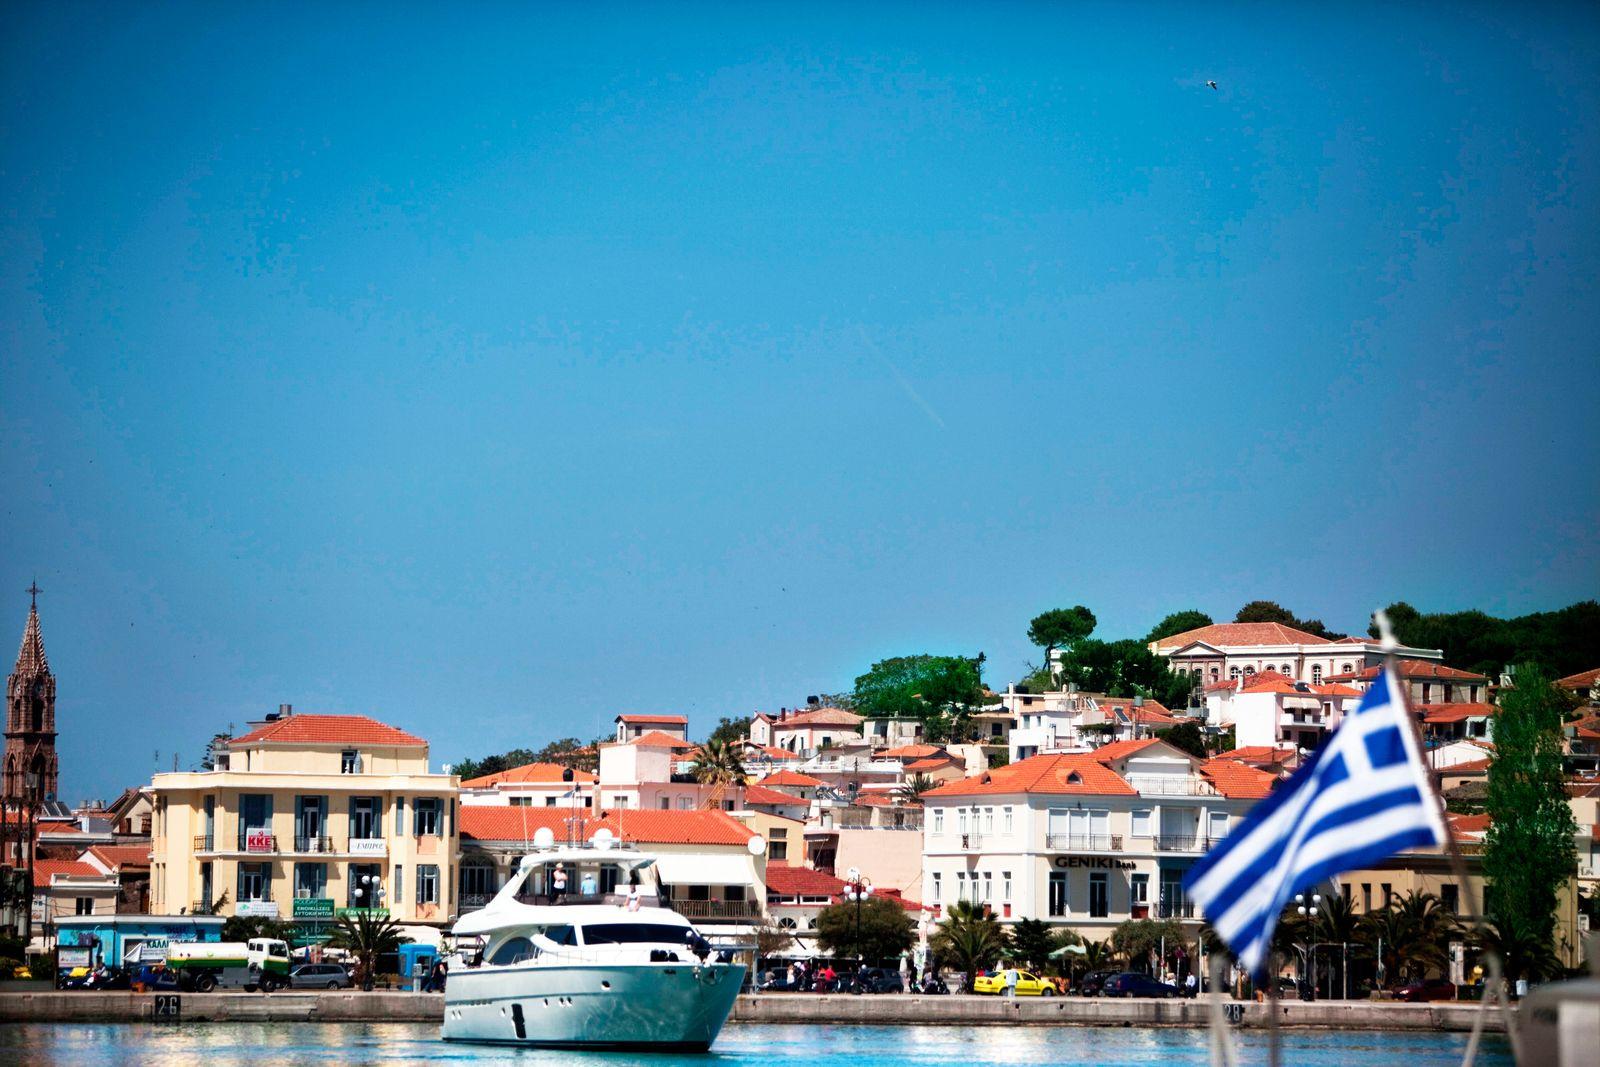 Griechenland / Reiche Griechen / Yachts /Die Reiche Griechen Reichtum / reich